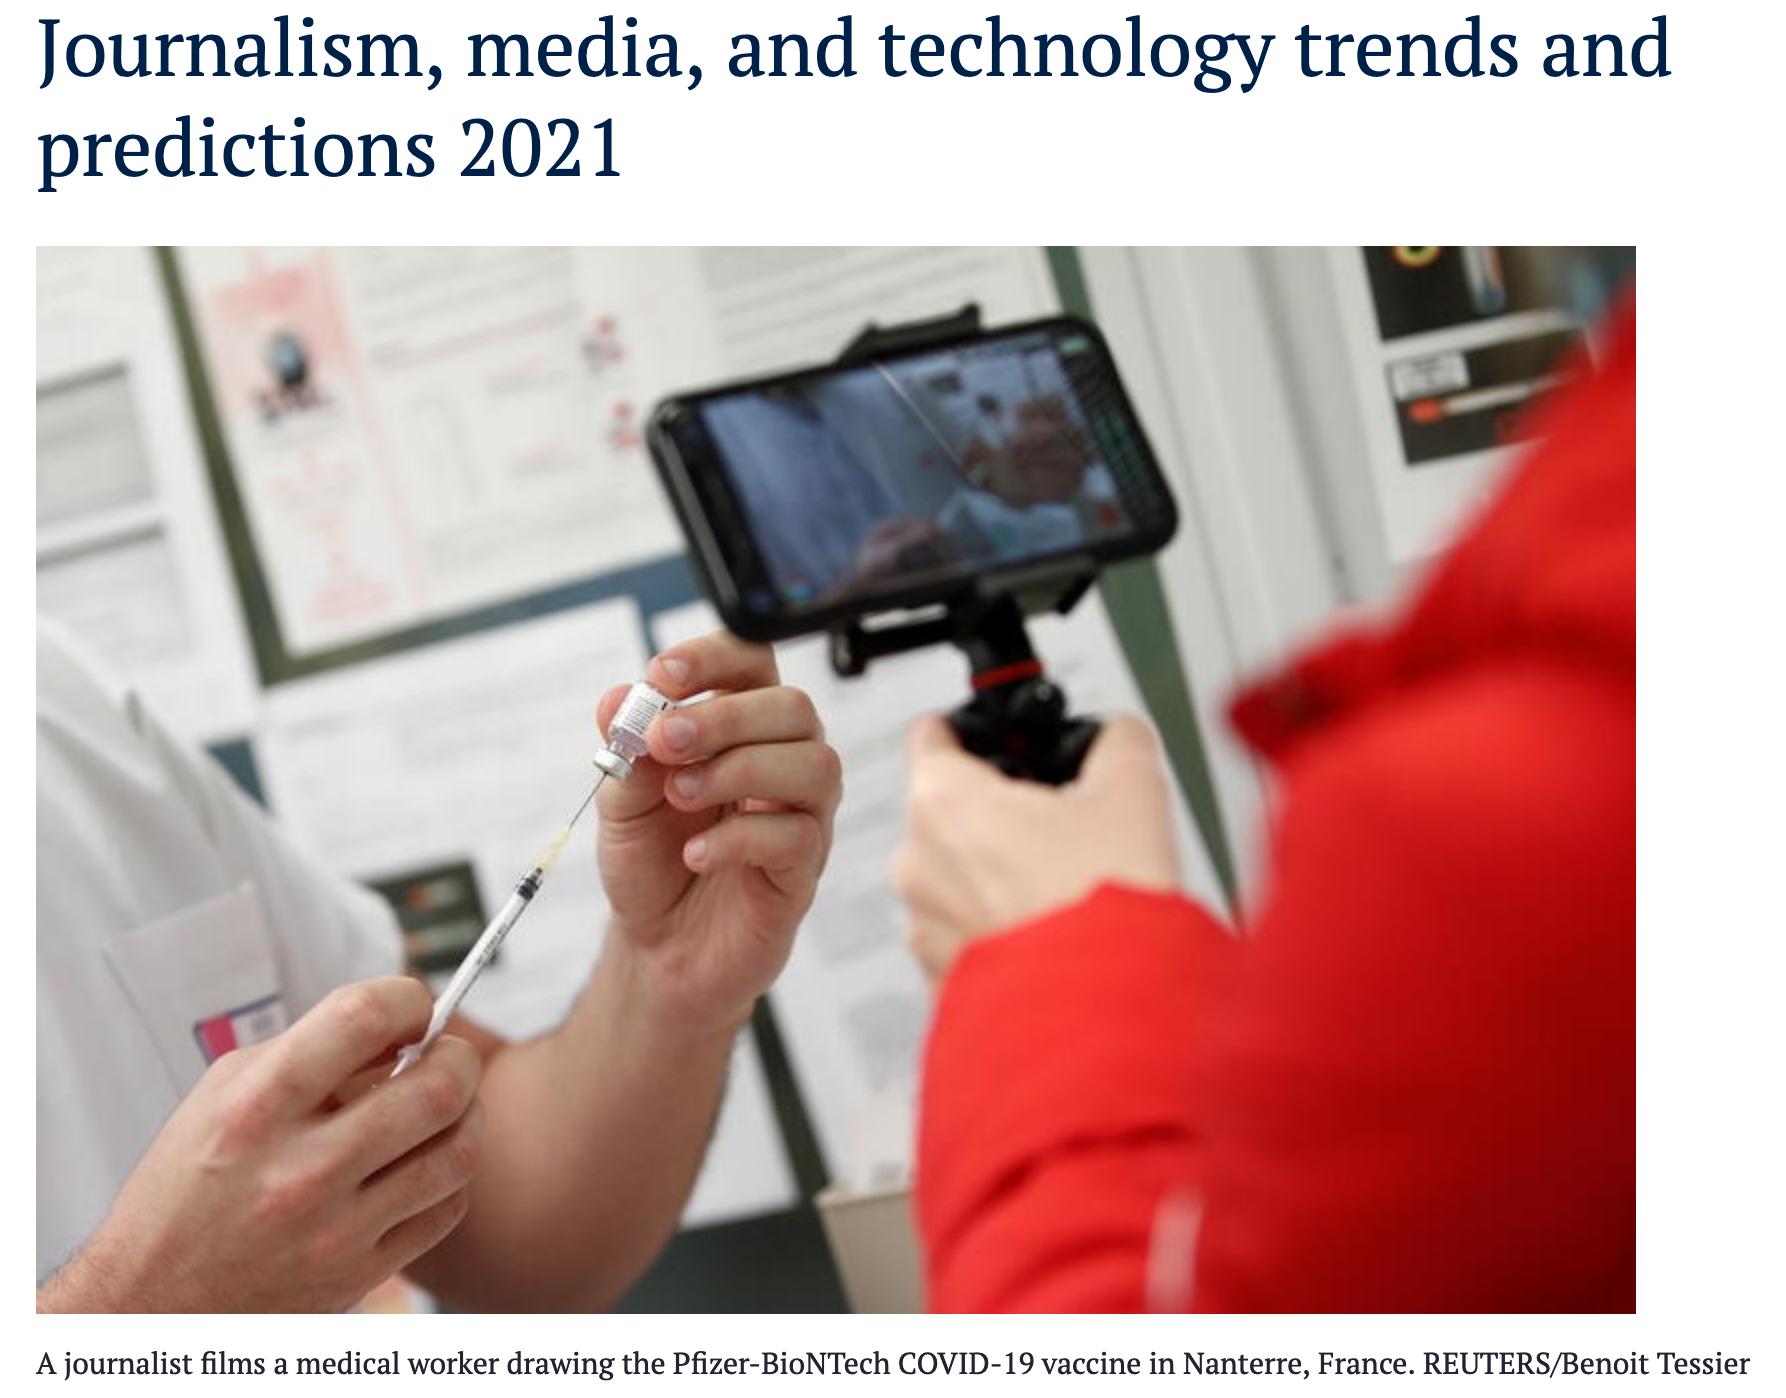 [번역] 2021년 저널리즘, 미디어, 그리고 테크놀로지 트렌드와 예측